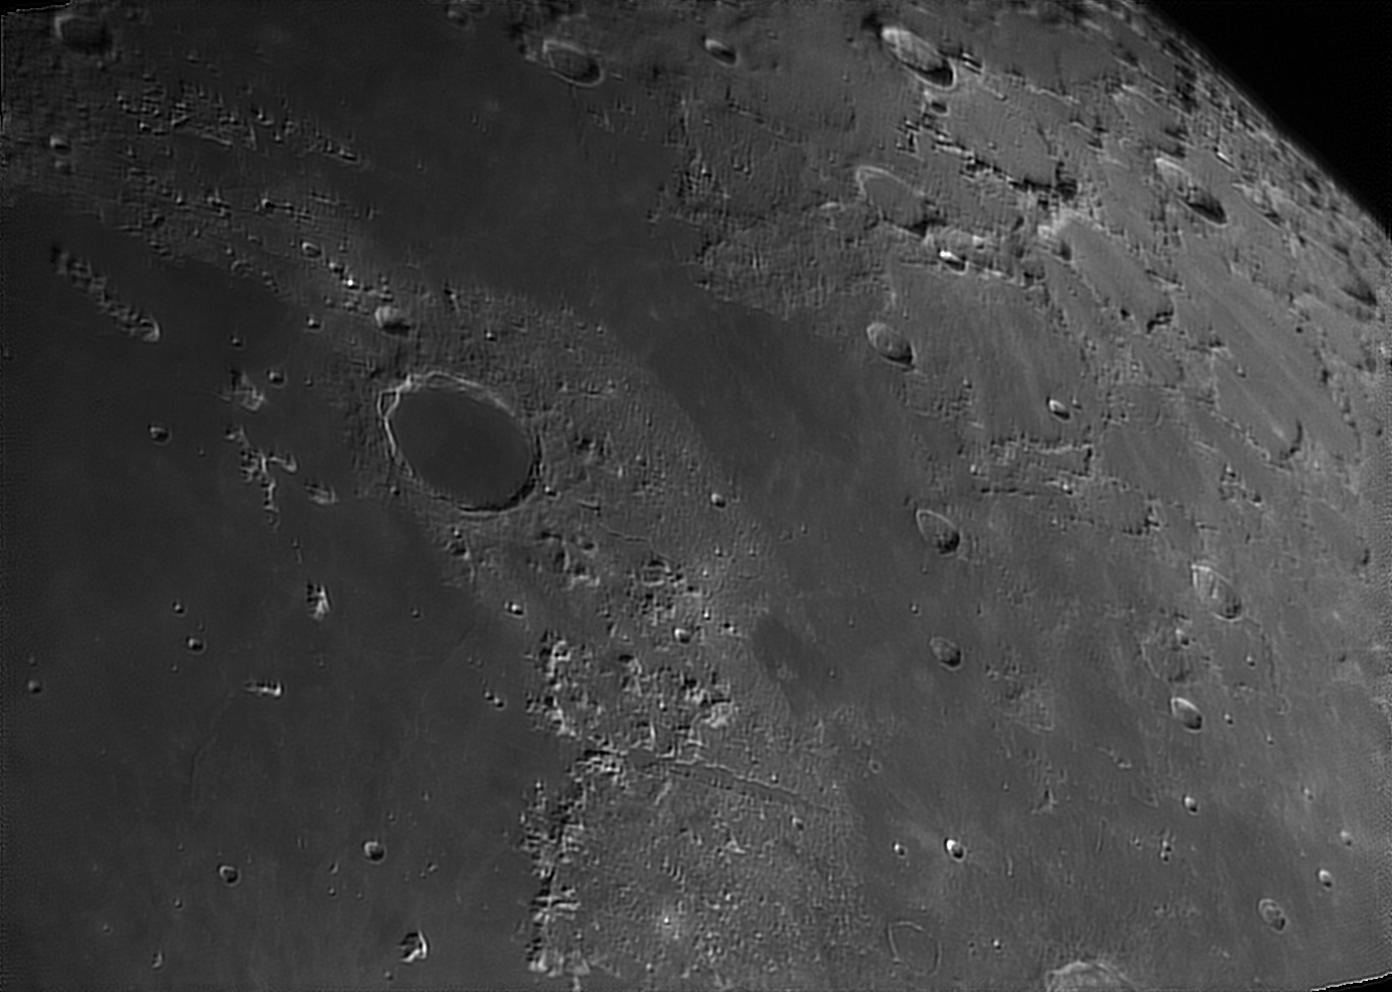 moon_eva_150.png.8a9a1171393e8499bc35633be65f5355.png